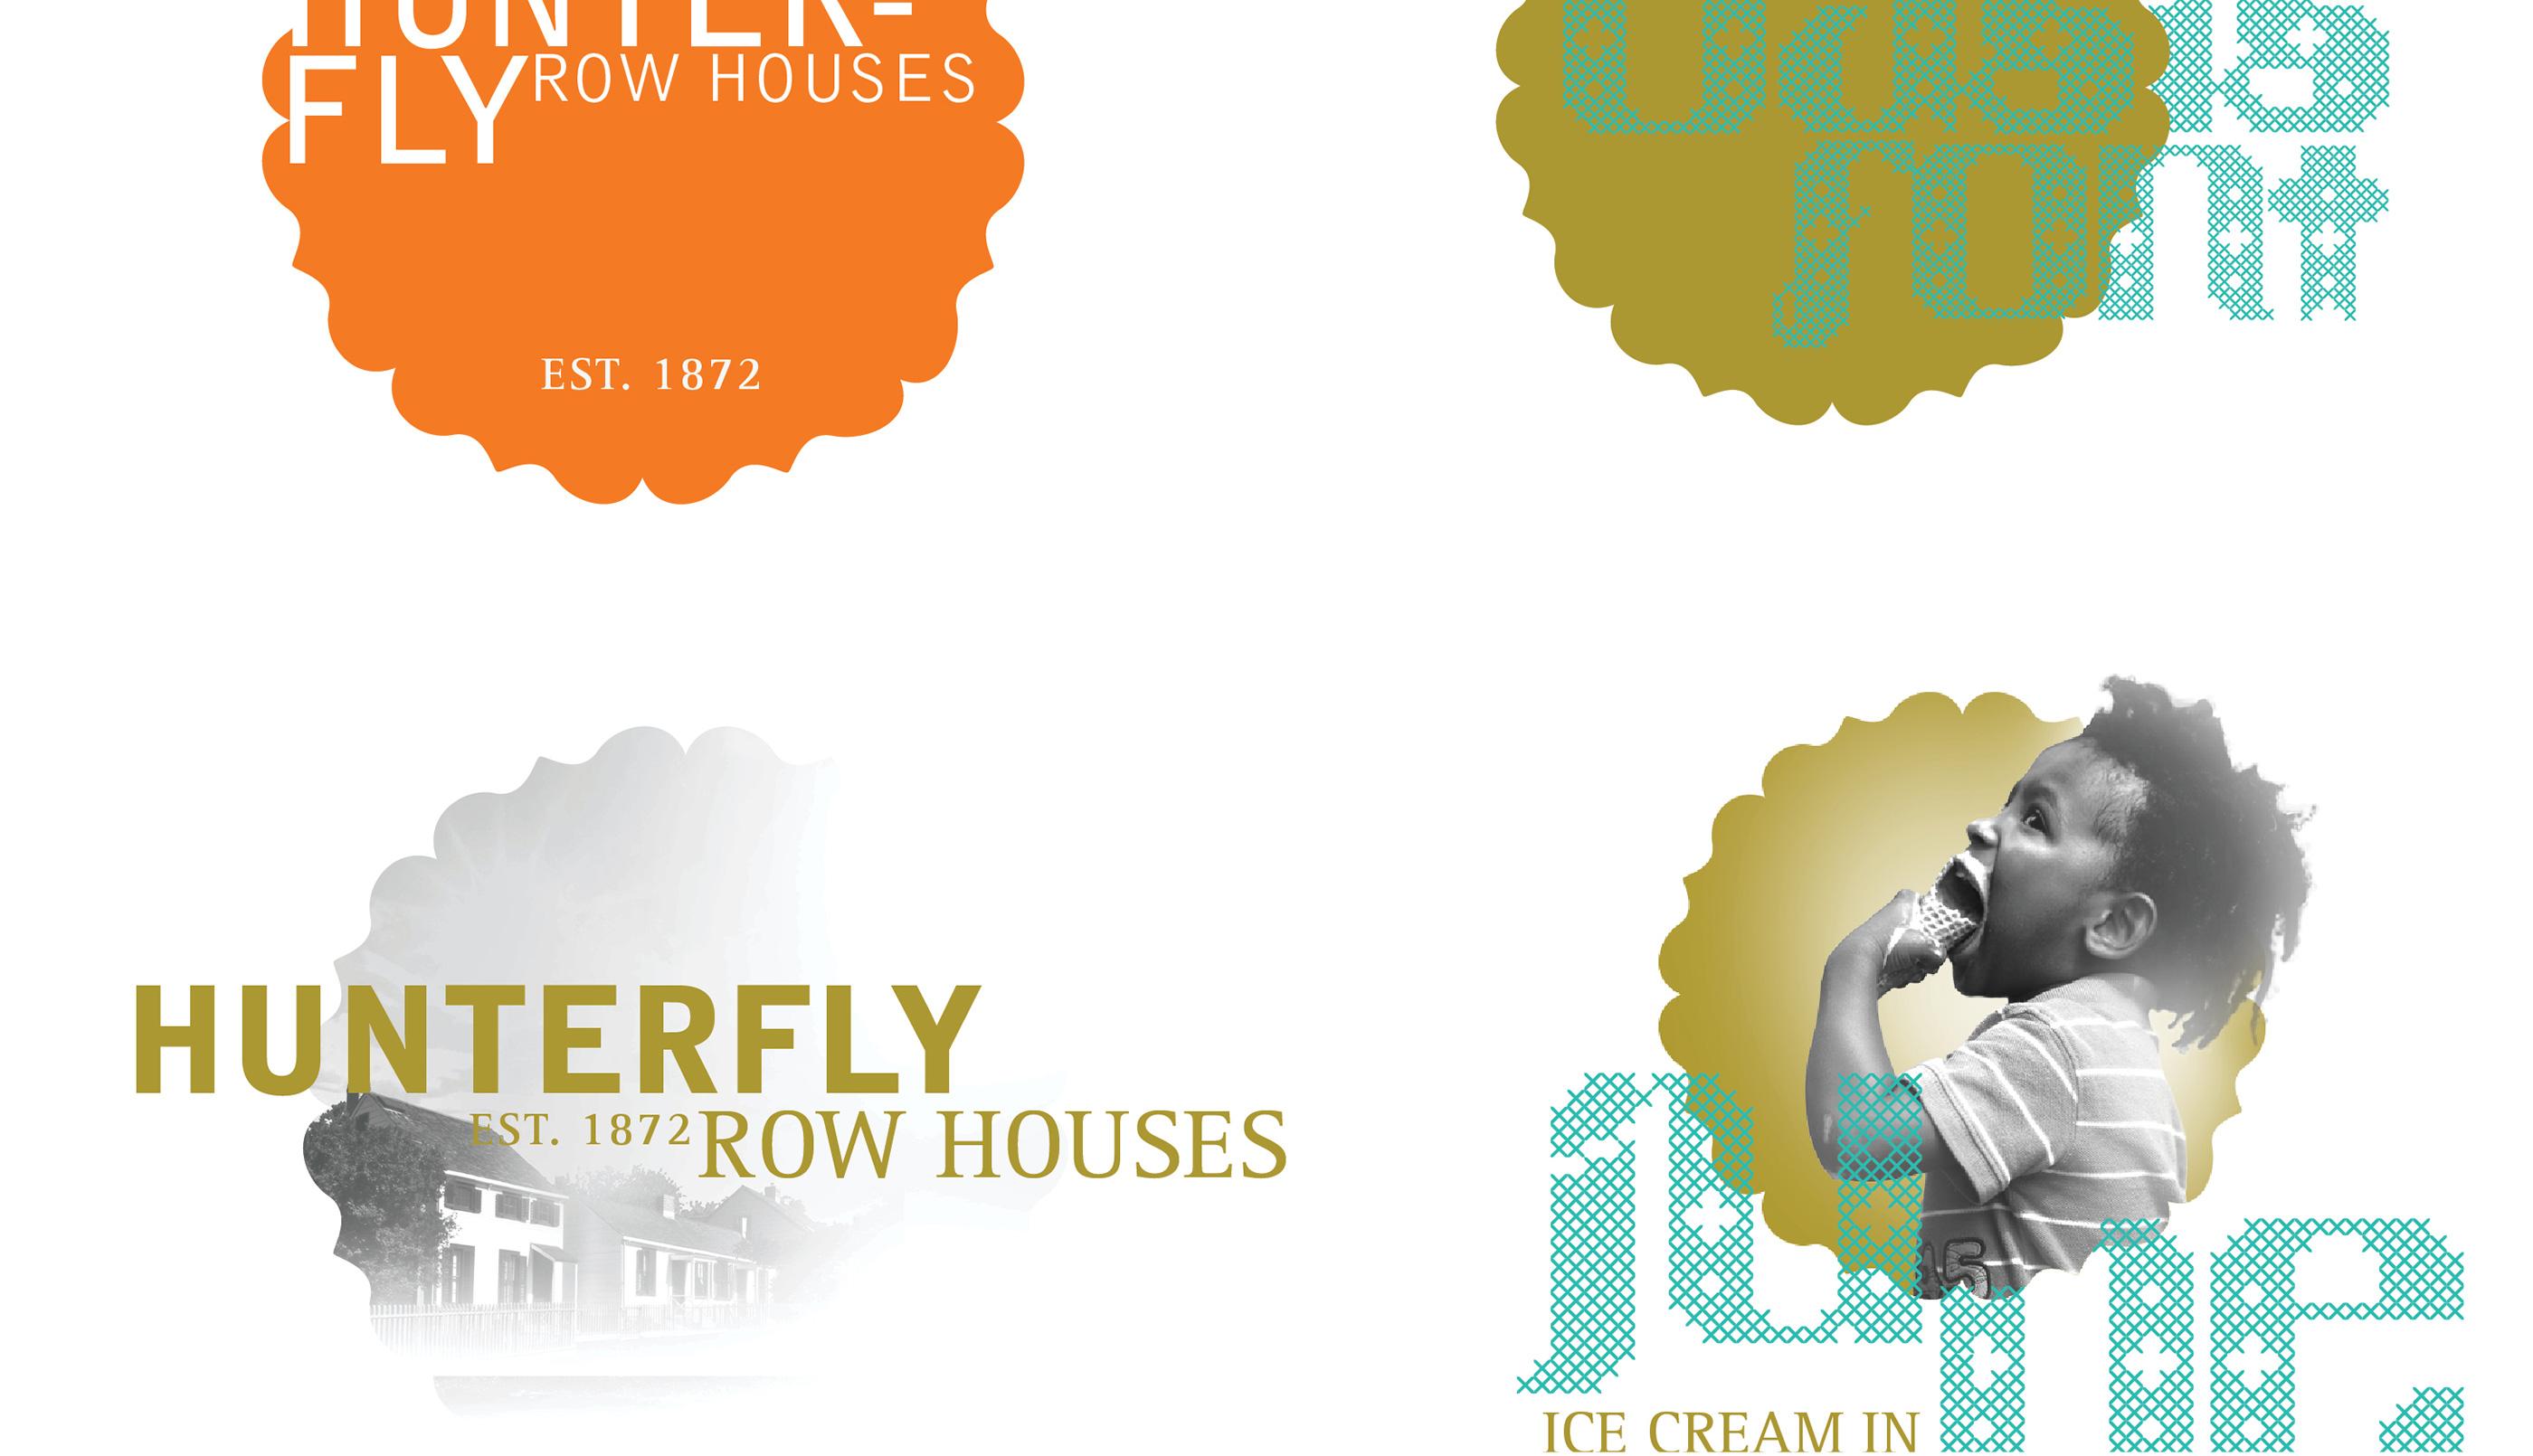 KCollie-Portfolio-Layout-2019-Hive-(long)A2_21